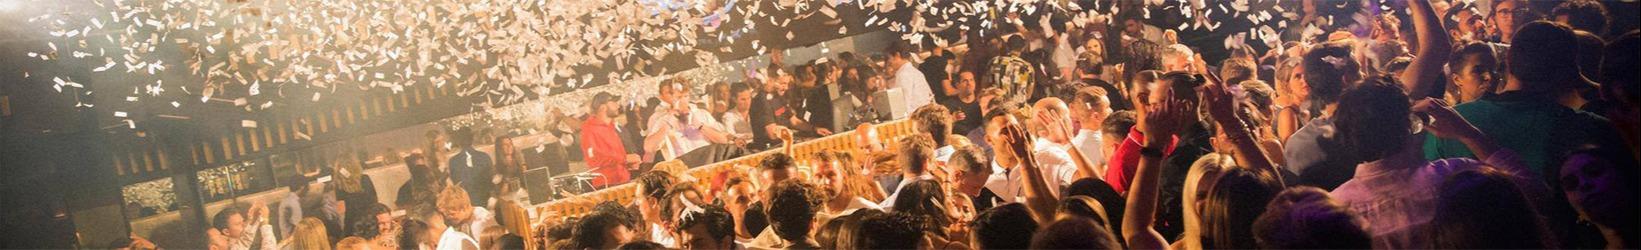 SUTTON BARCELONA SUTTON BARCELONA Carrer de Tuset, 13, 08006 Barcelona, España